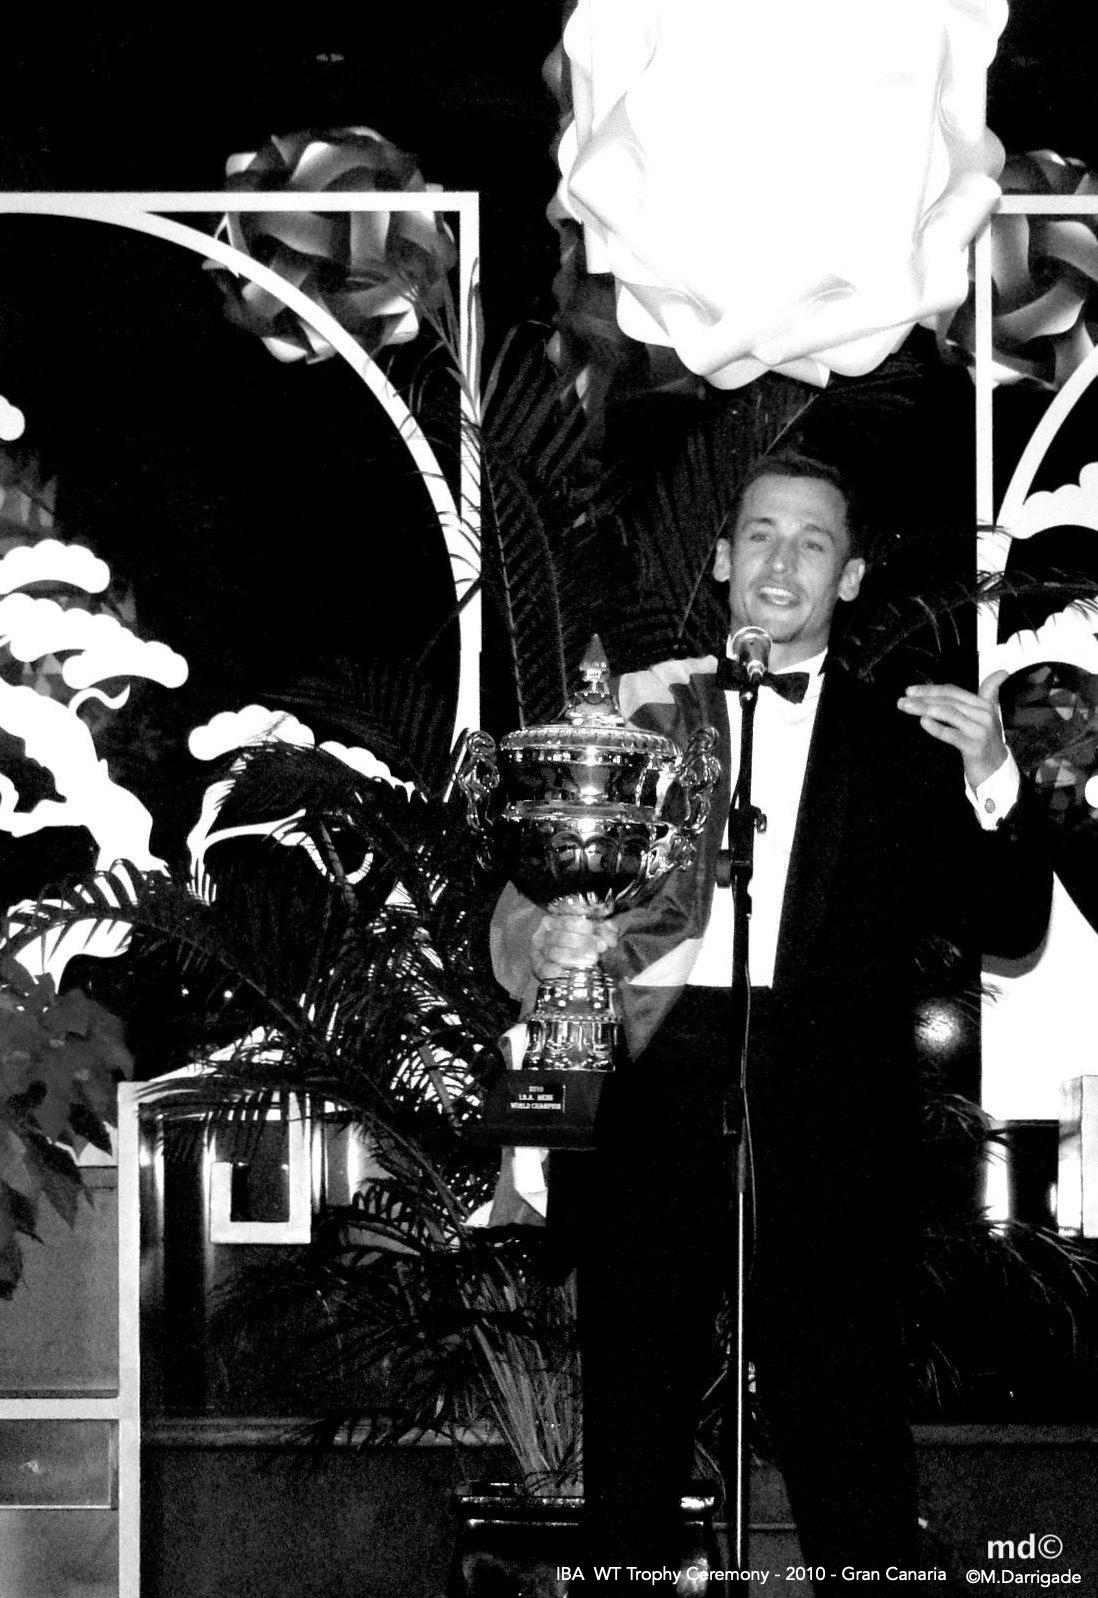 My first world title celebrated in Gran Canaria in Dec 2010